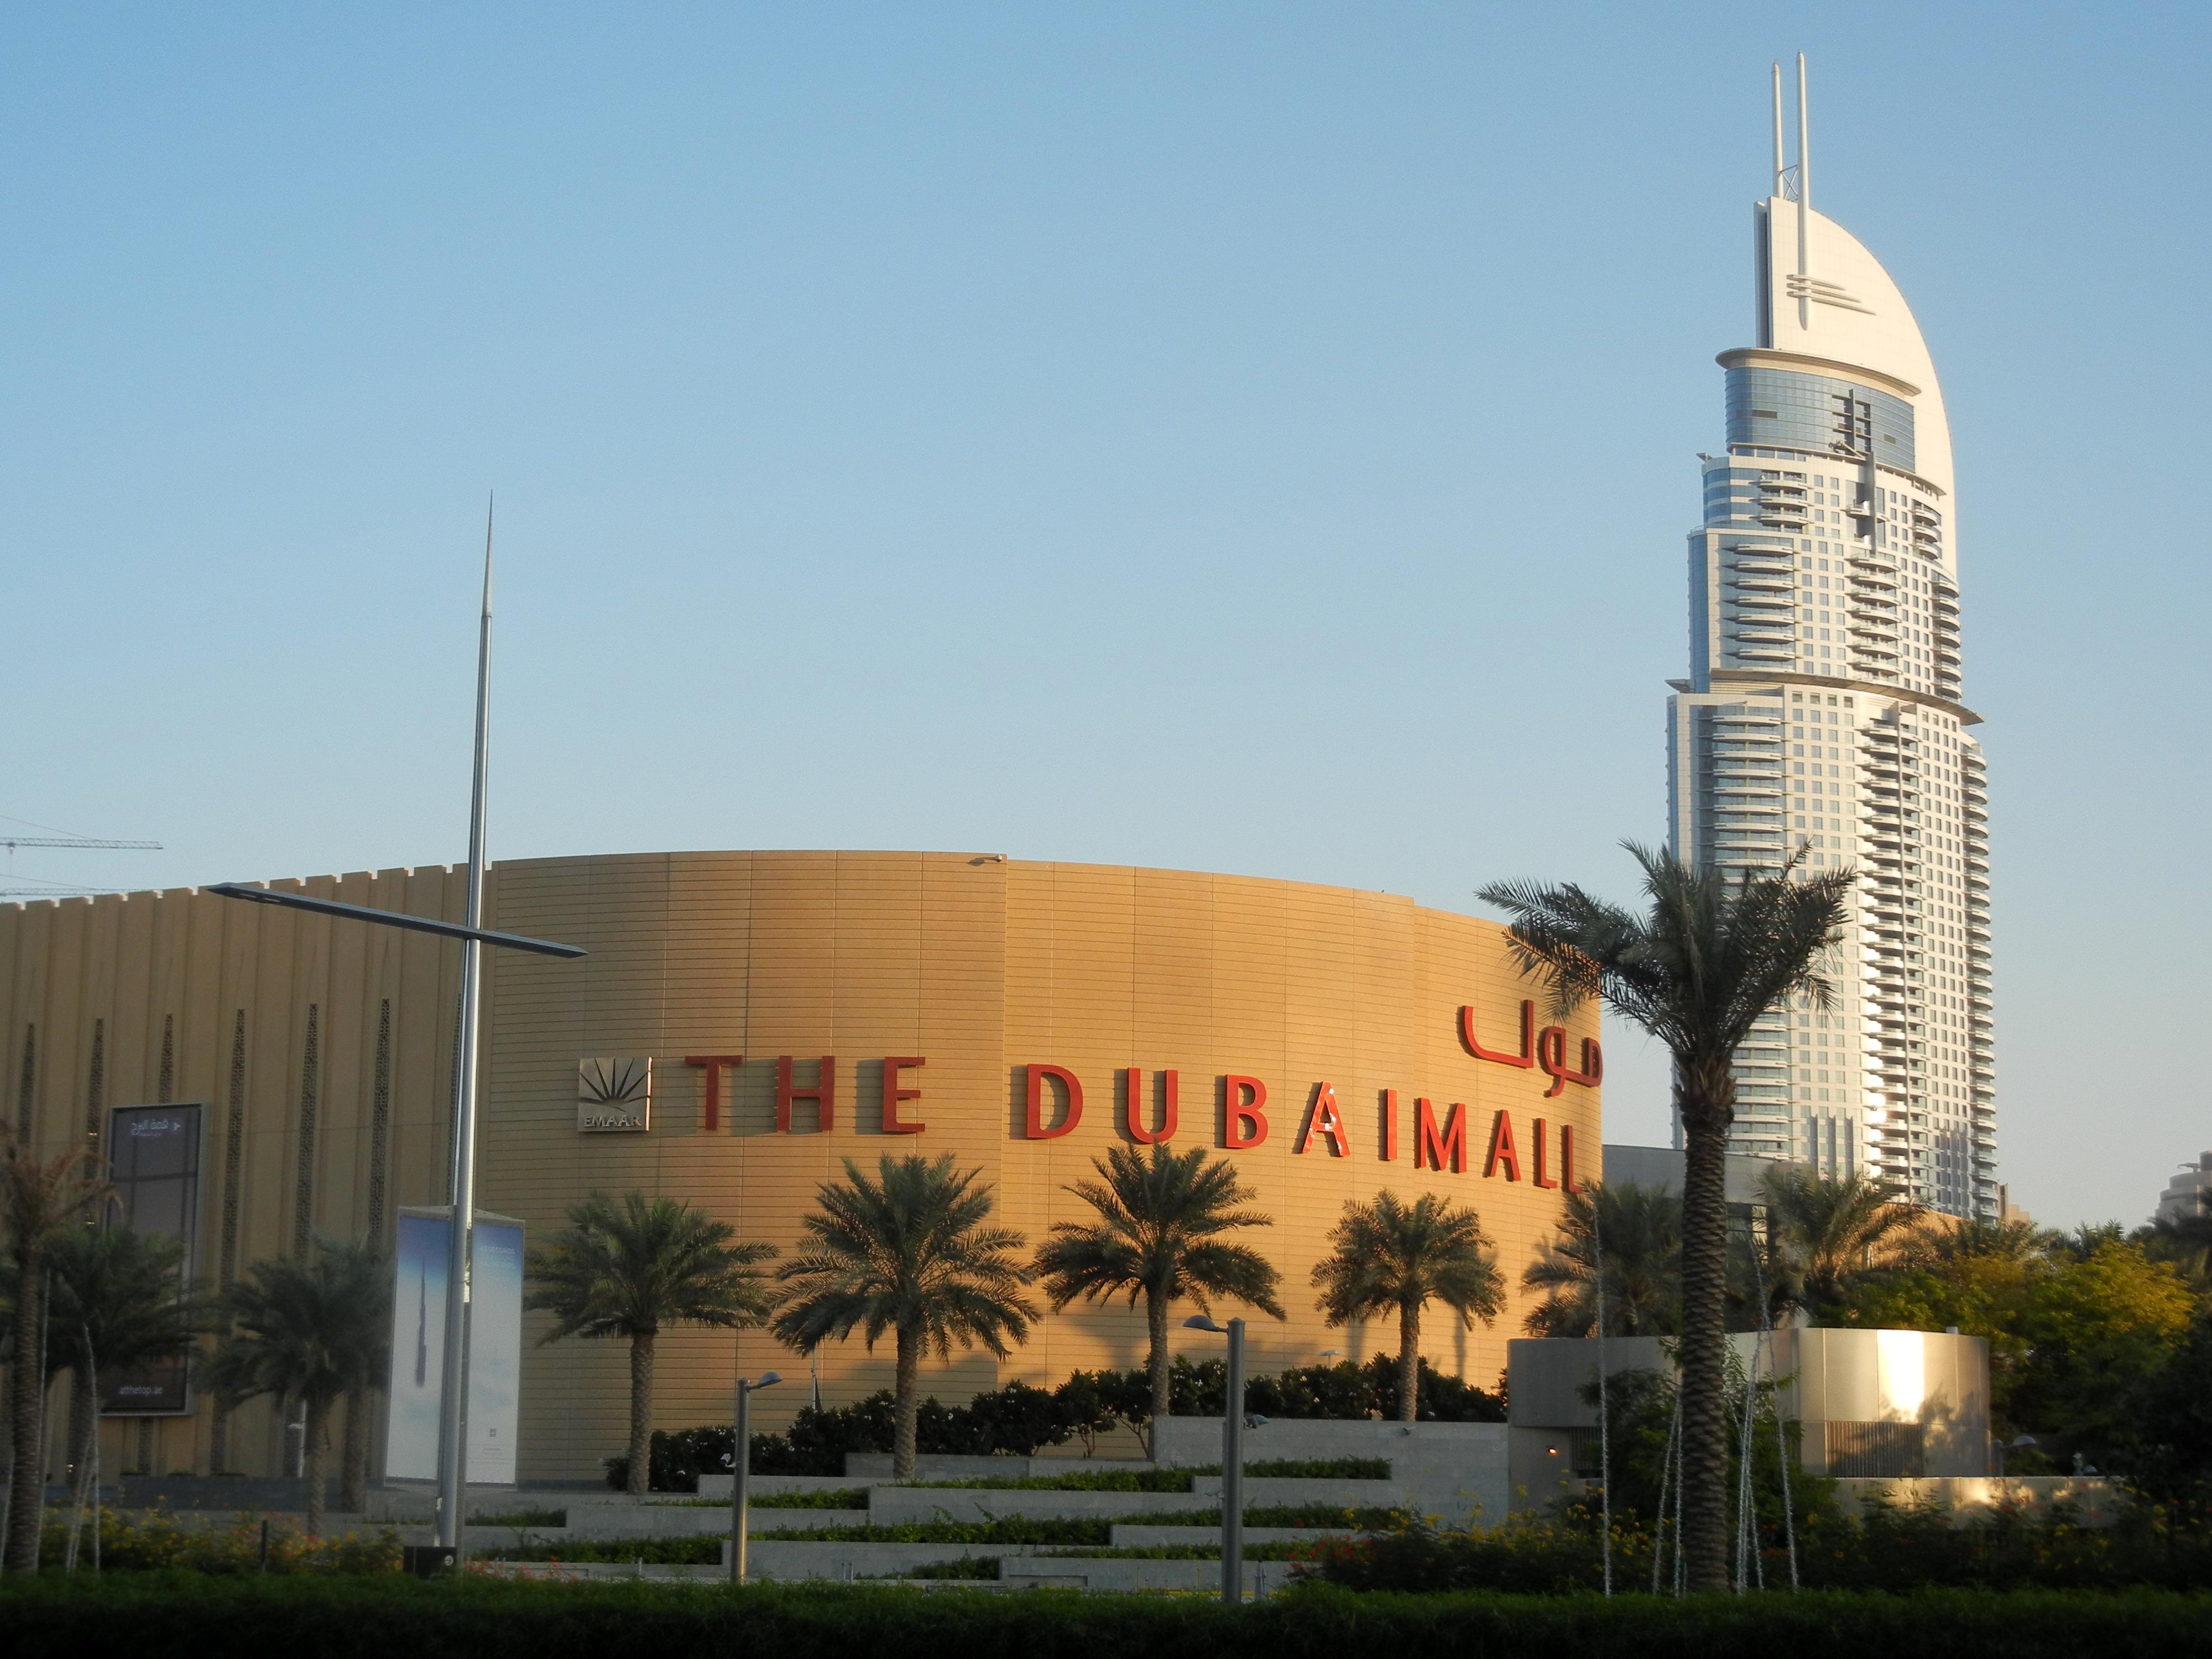 DUBAI MALL AQUARIUM TICKET RATE